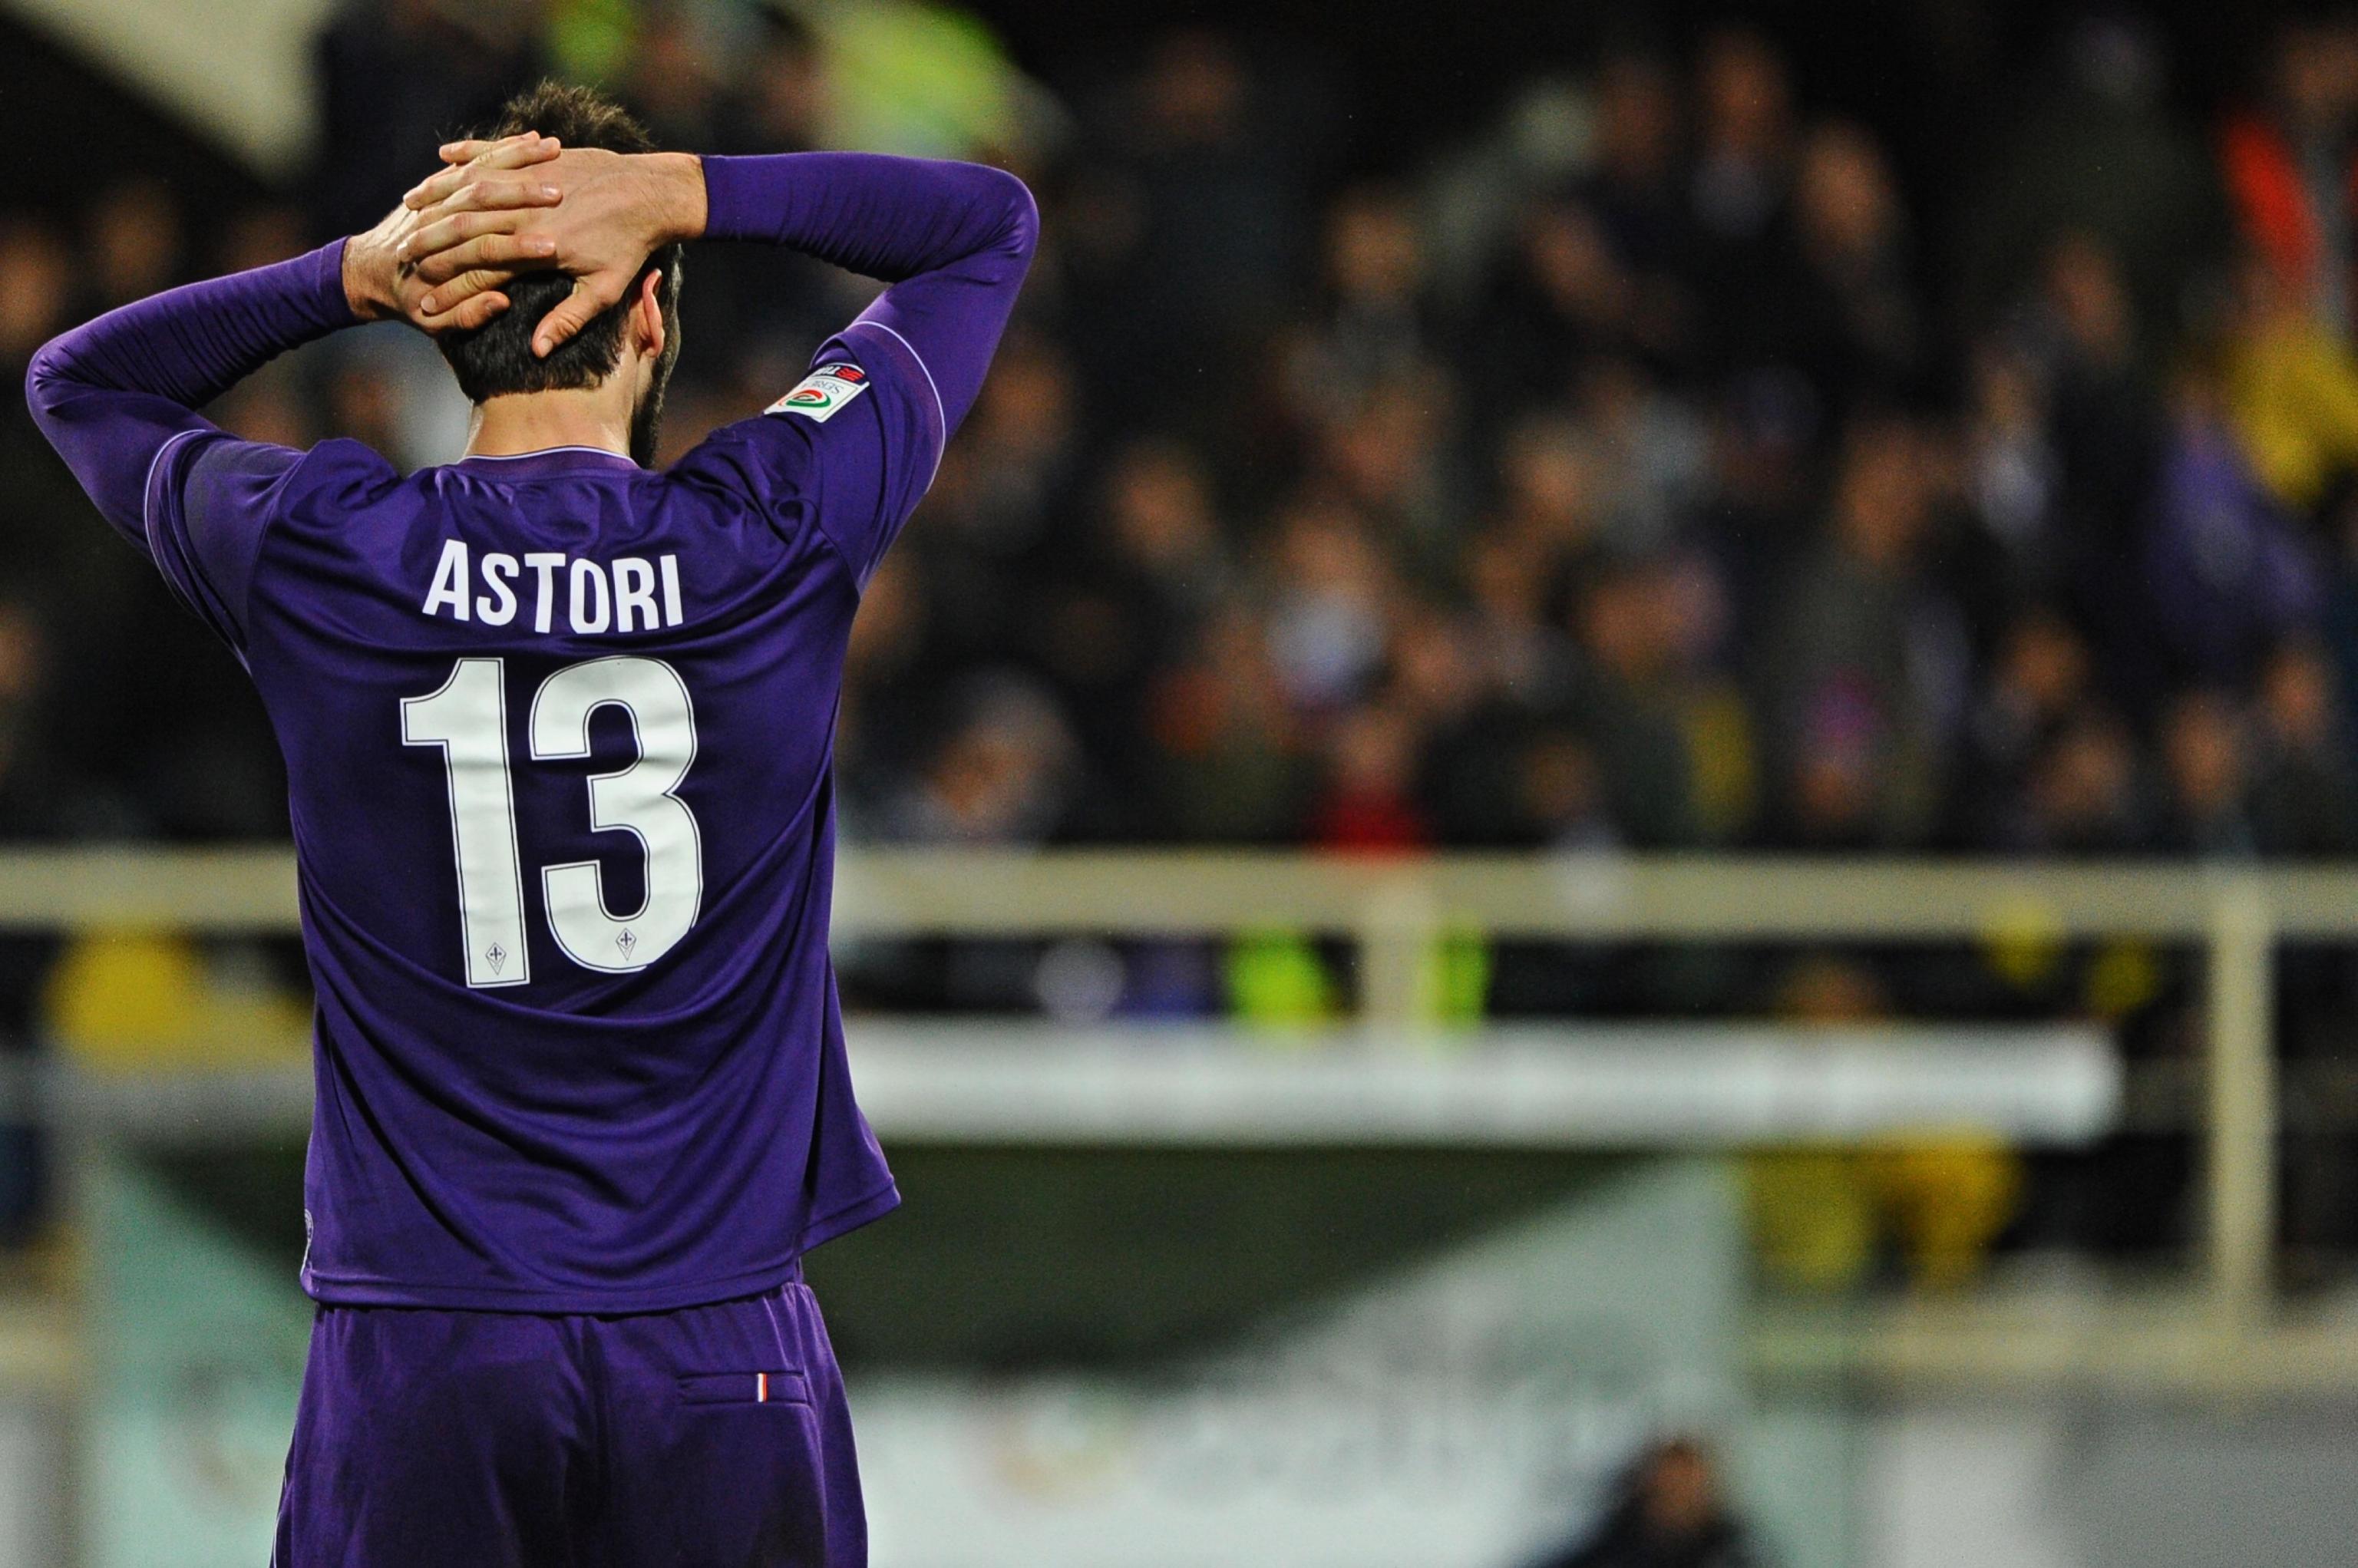 Davide Astori morto, Fiorentina e Cagliari ritirano la maglia 13: l'ultimo WhatsApp con il compagno di squadra